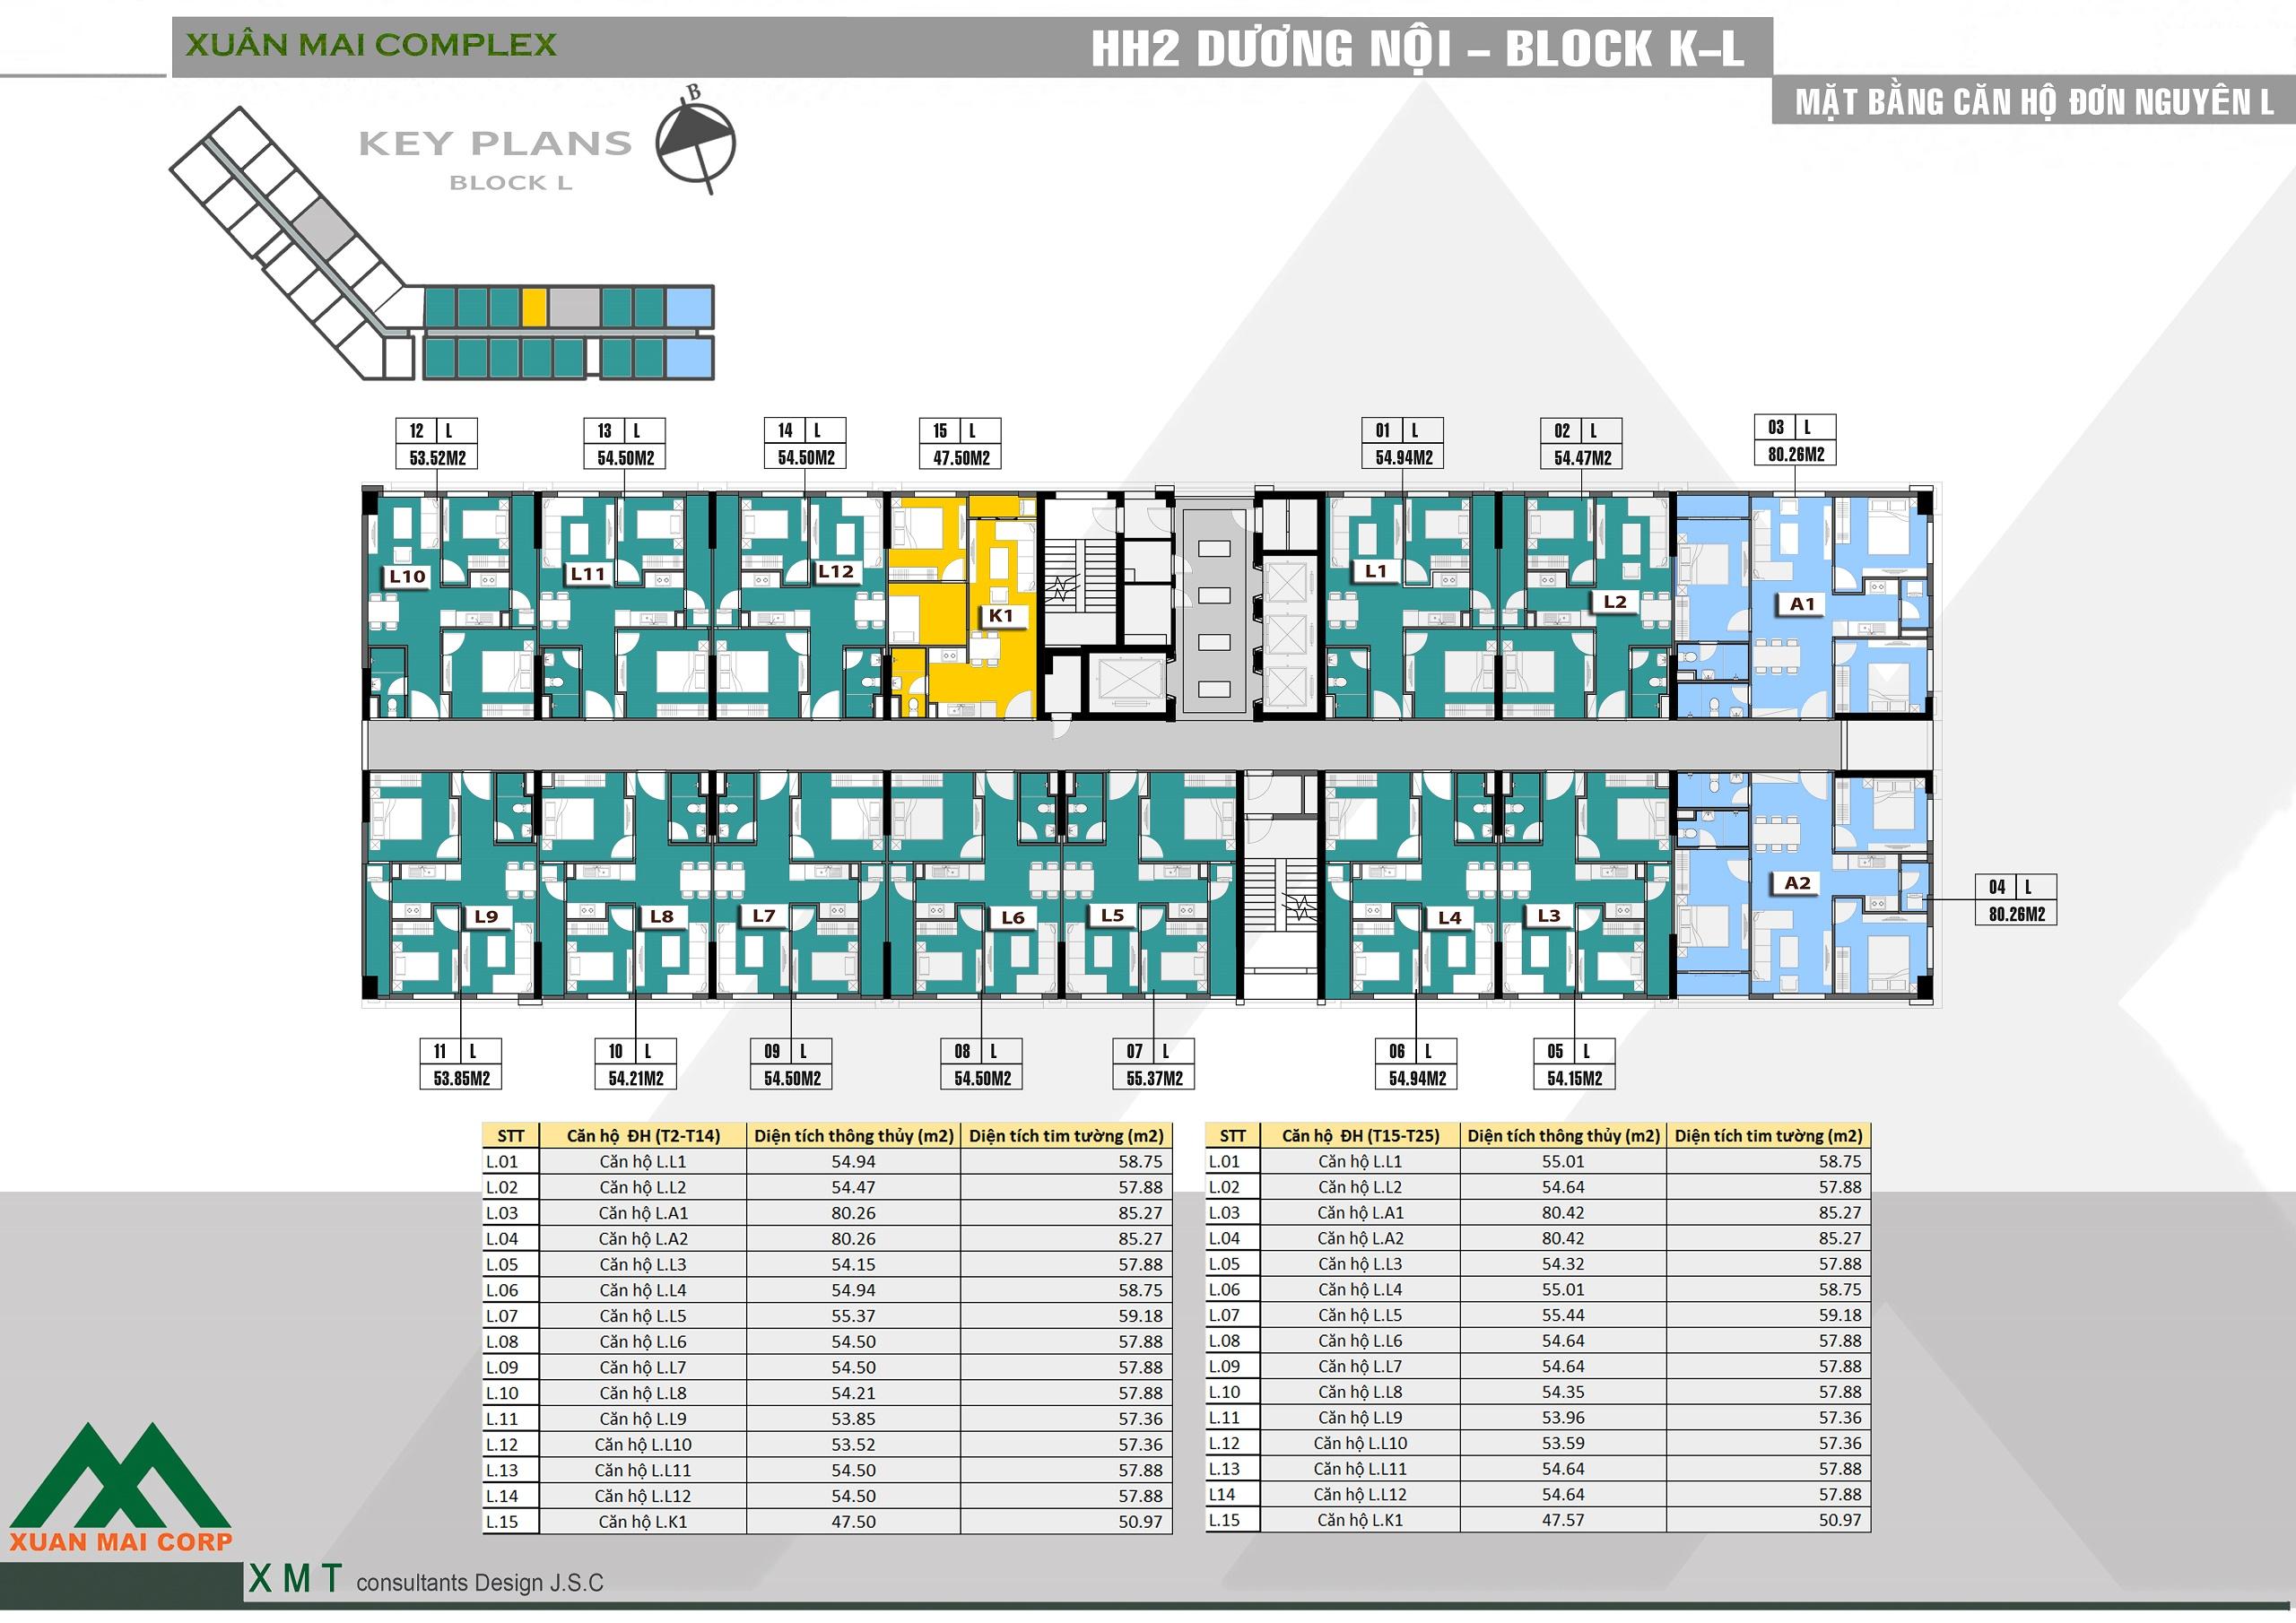 05-block-l-xuan-mai-complex